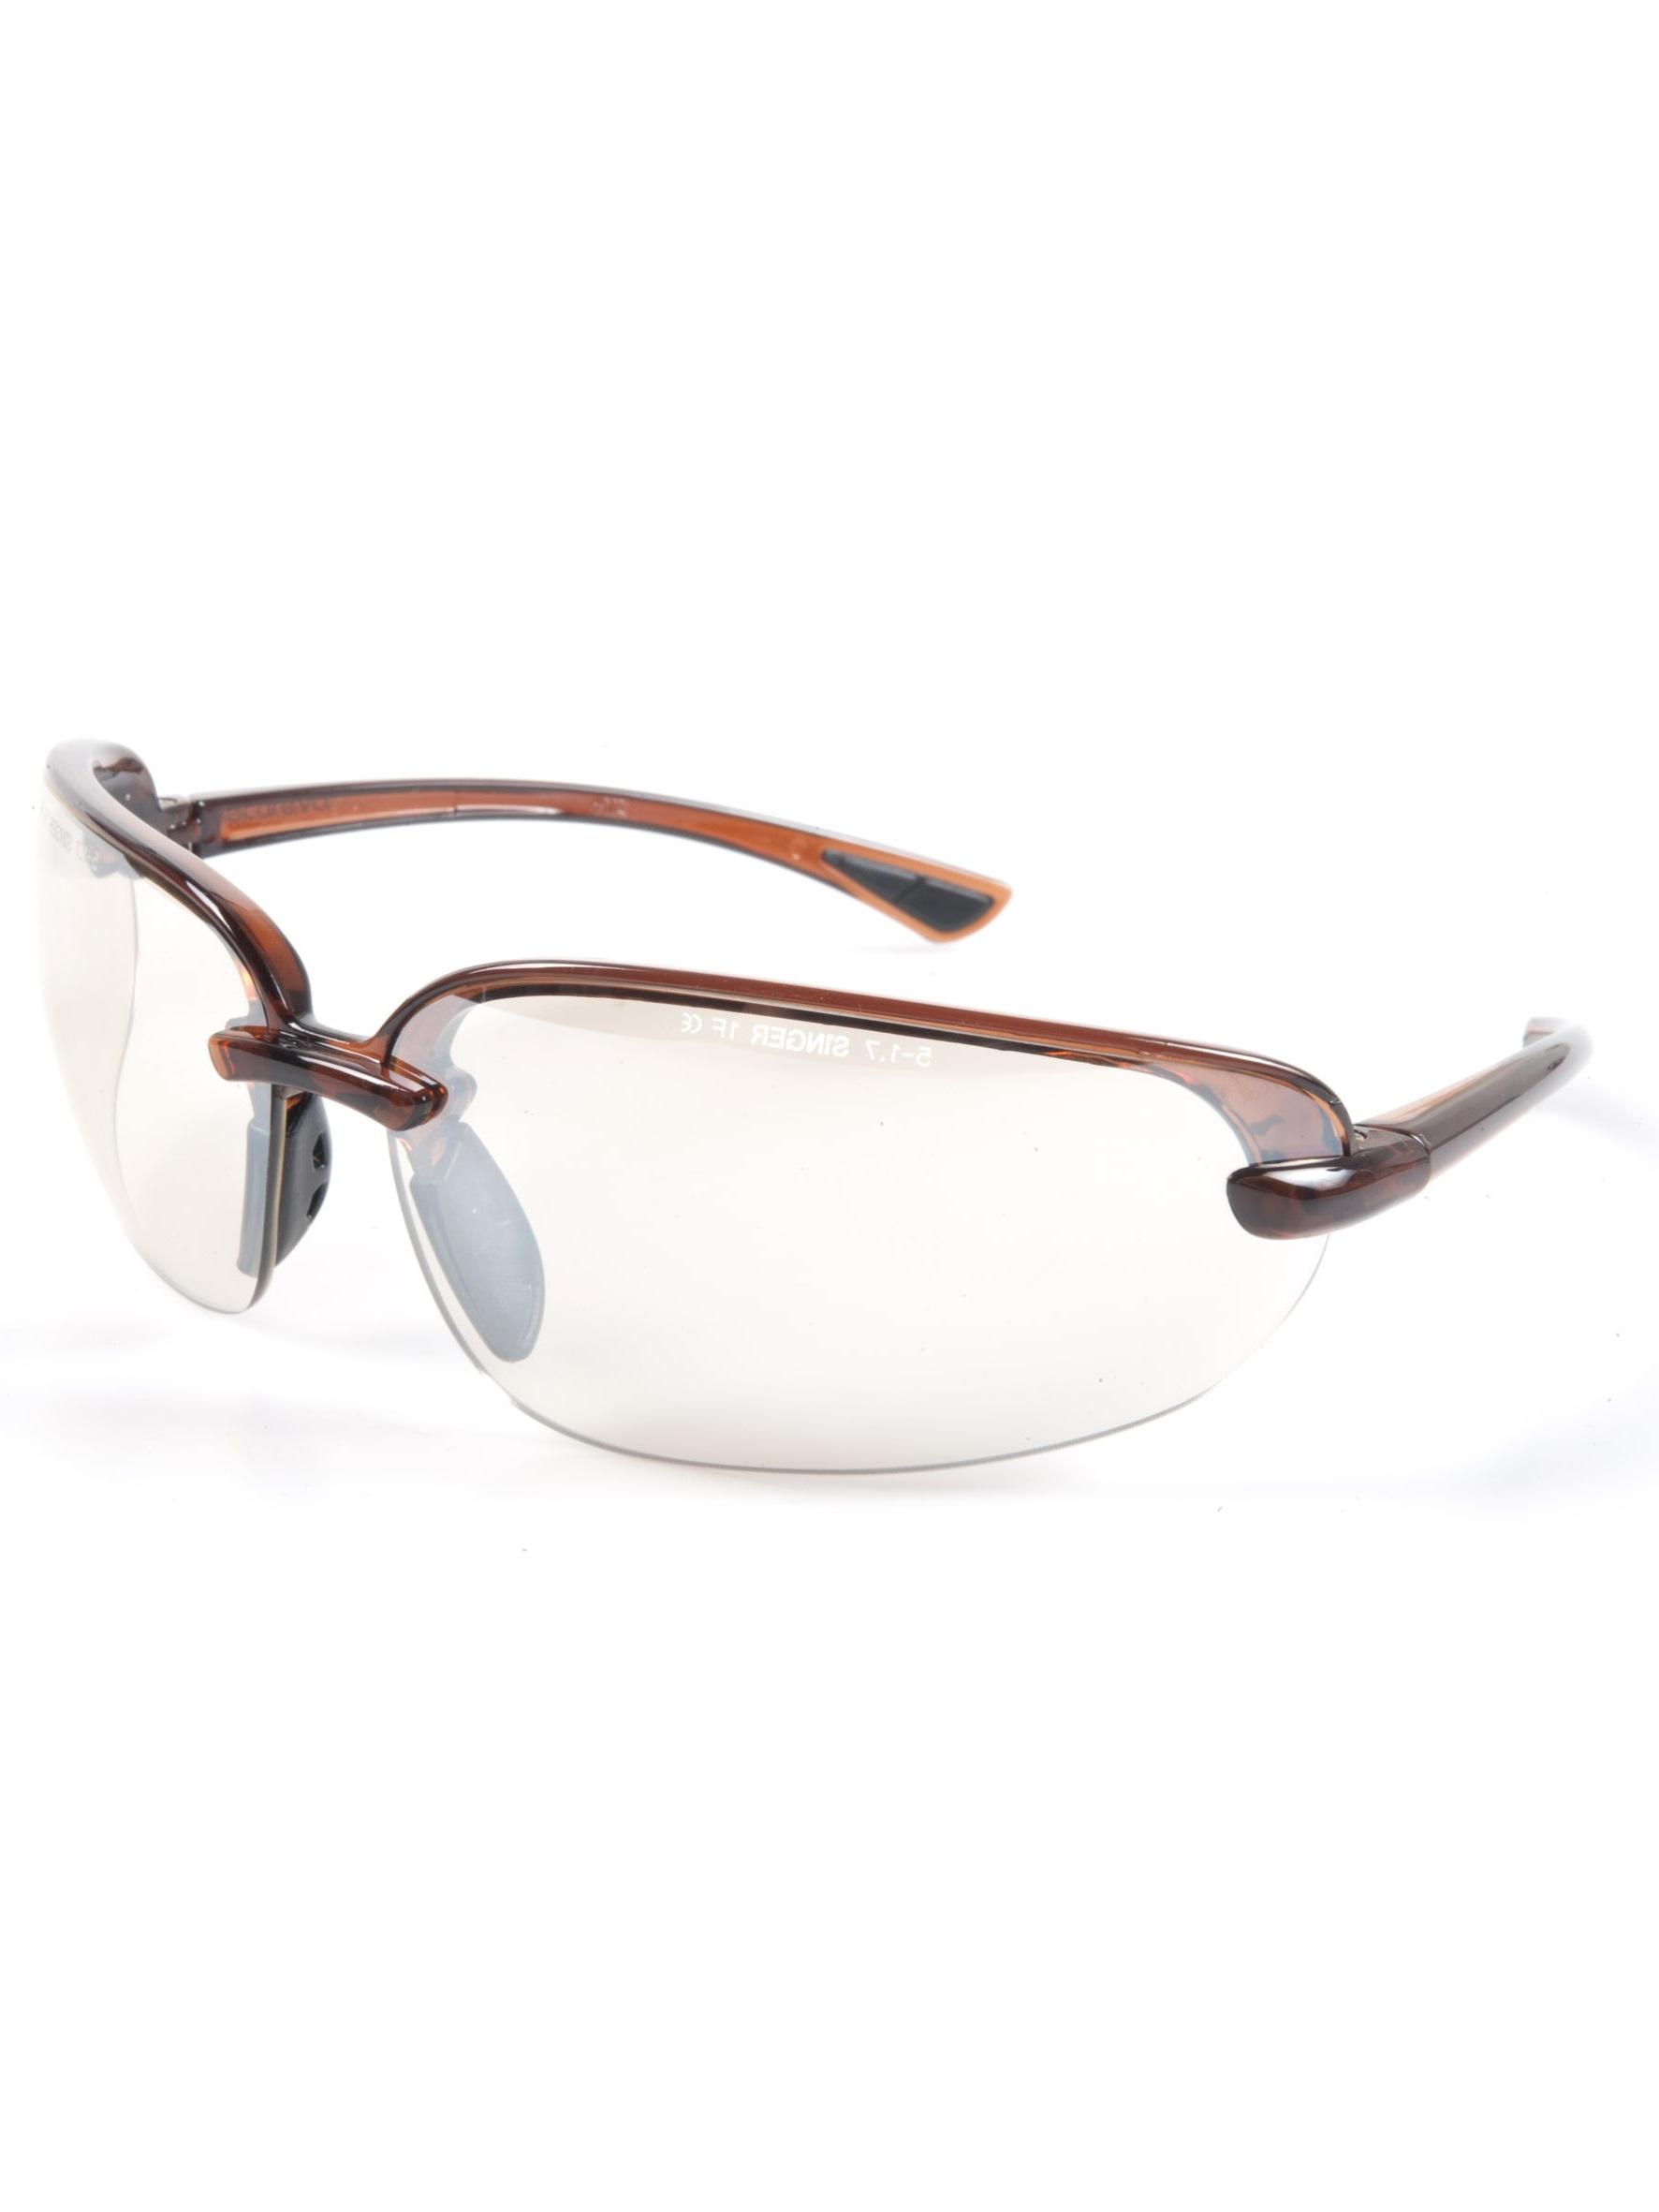 Singer Schutzbrille Evatrend, UV400, klar, EN166 F1 EN172 (5-1.7)